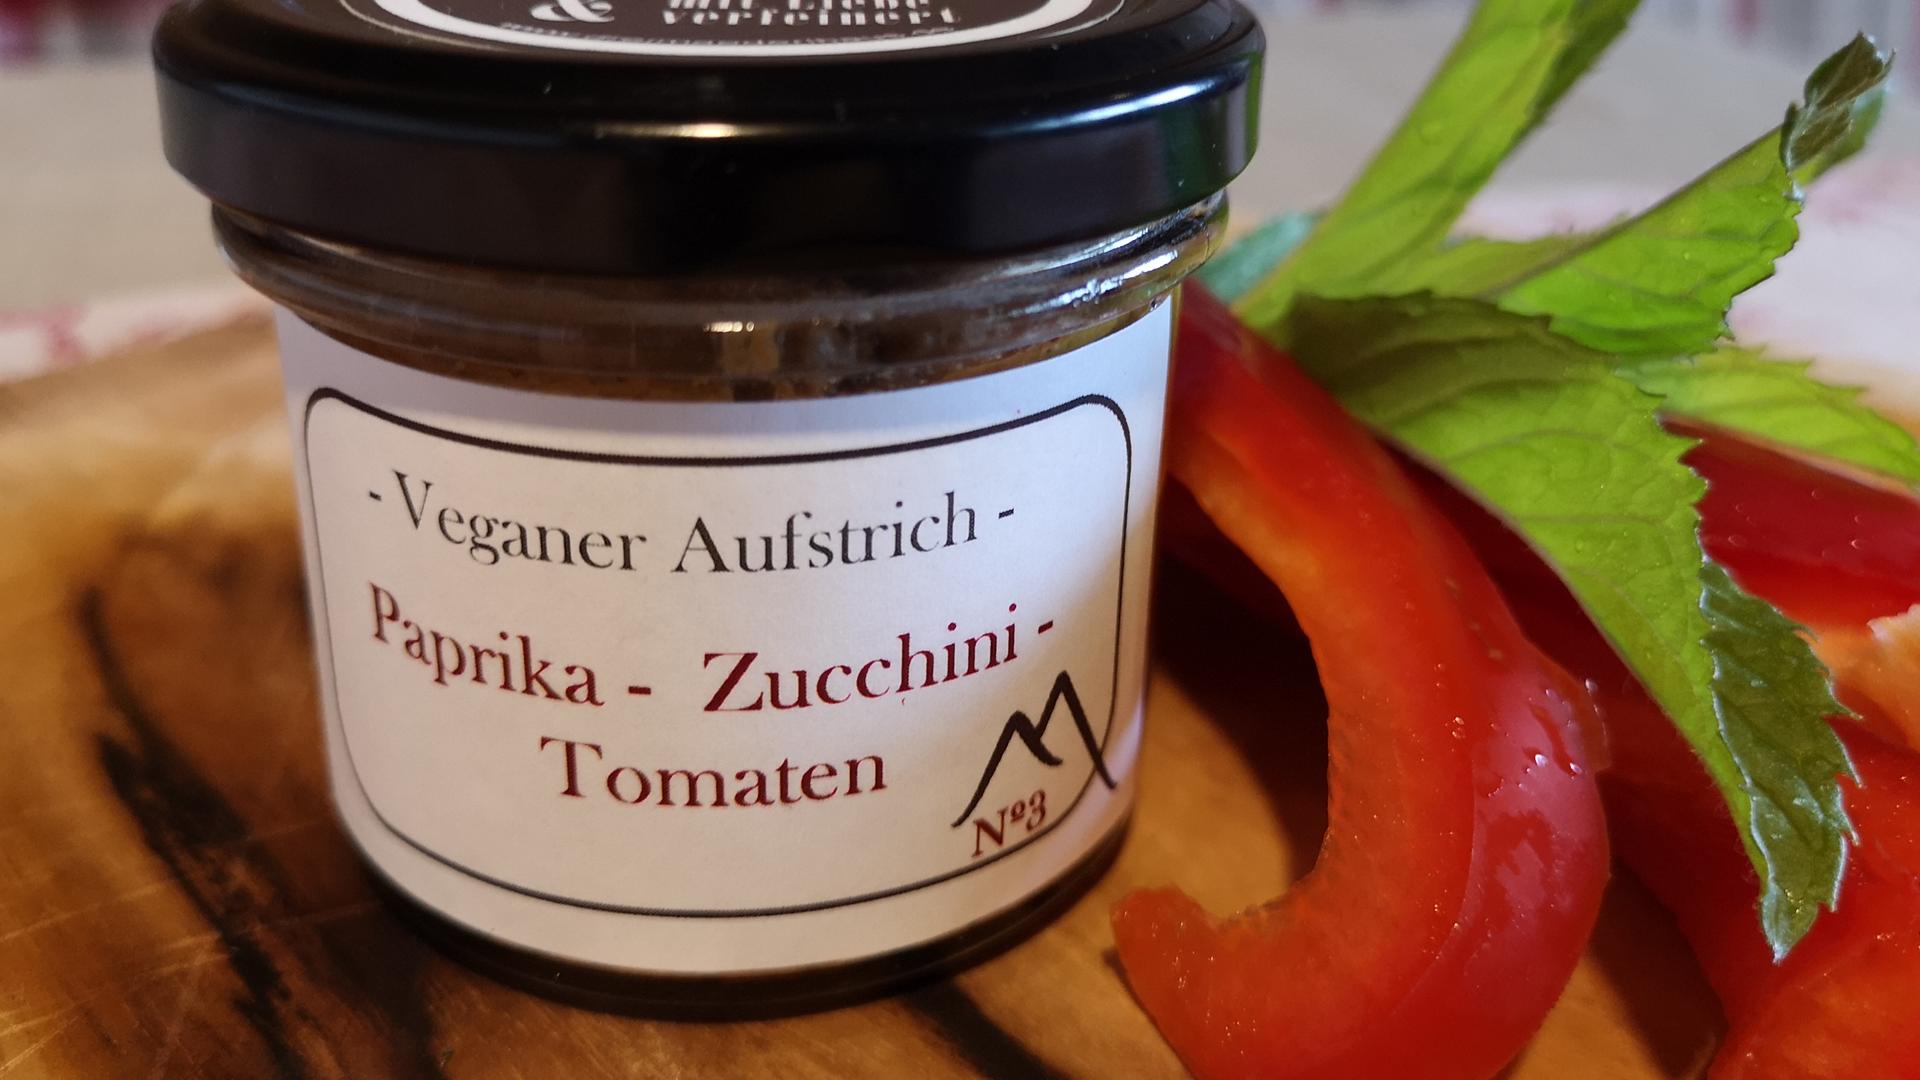 Paprika-Zucchini-Tomaten N°3 - 100gr